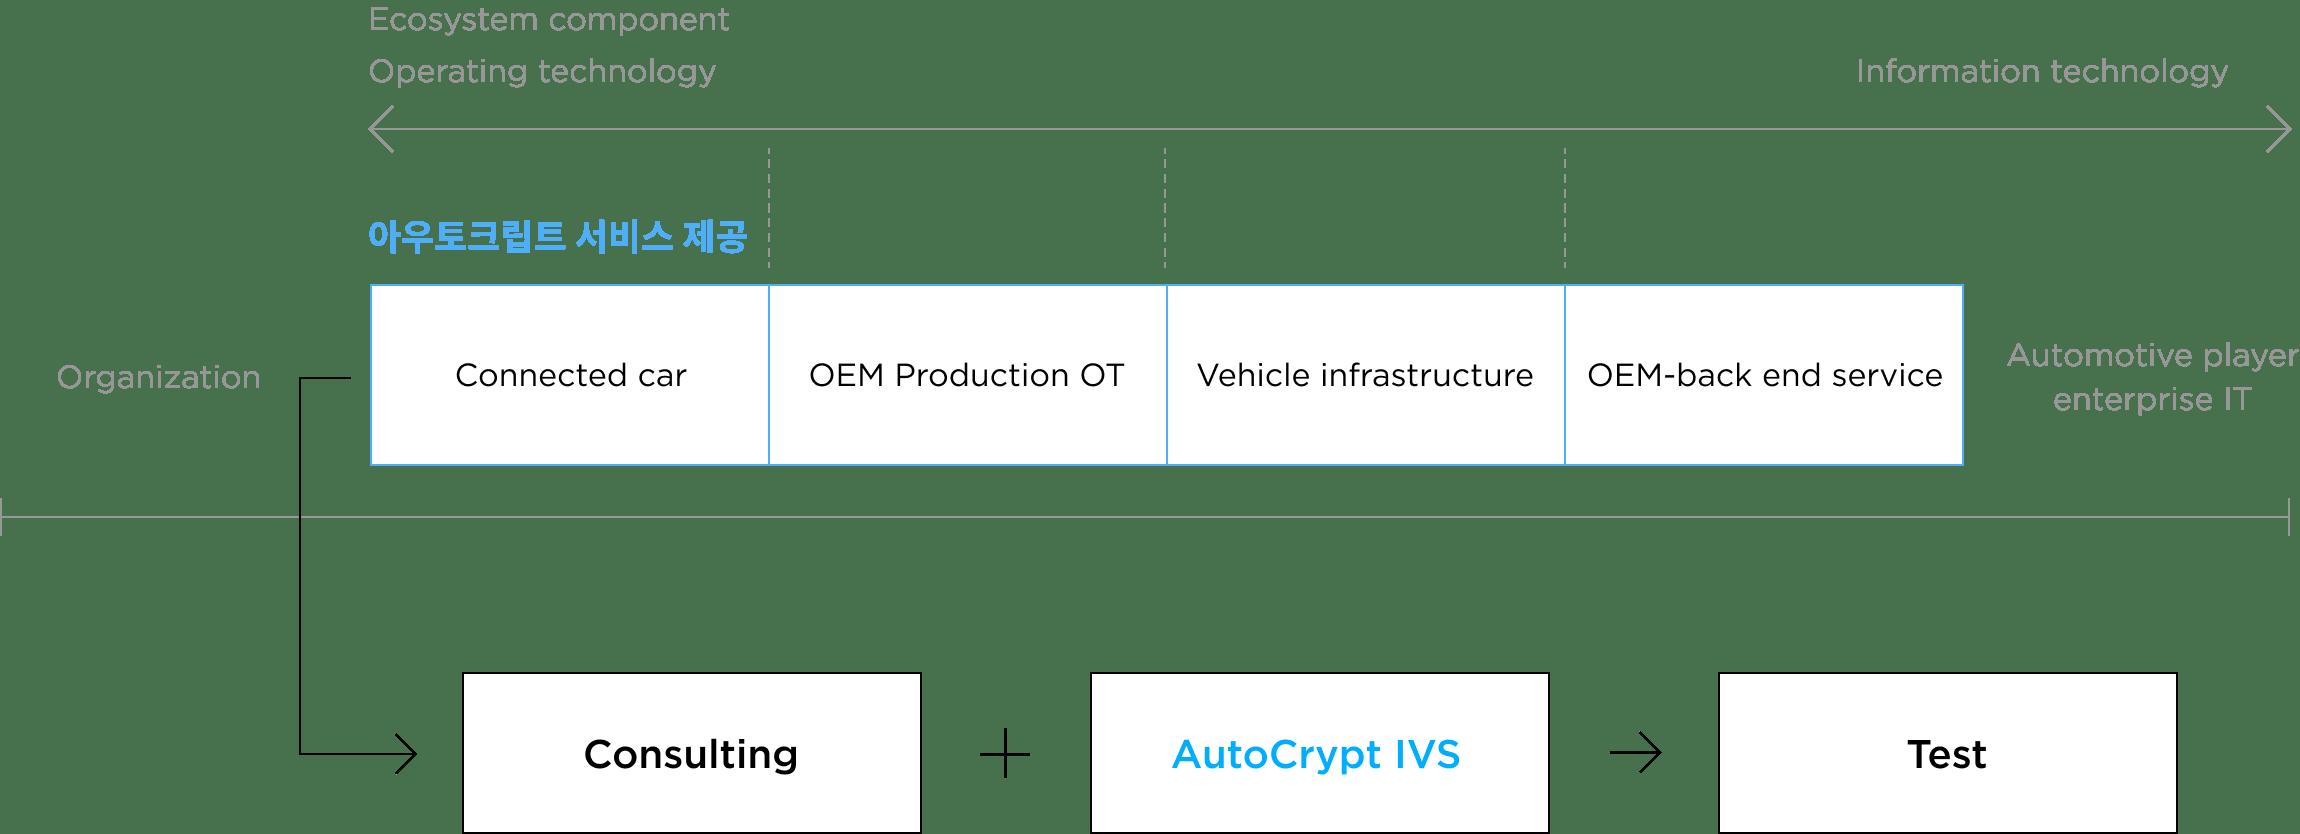 아우토크립트 WP.29 컨설팅 지원 부분